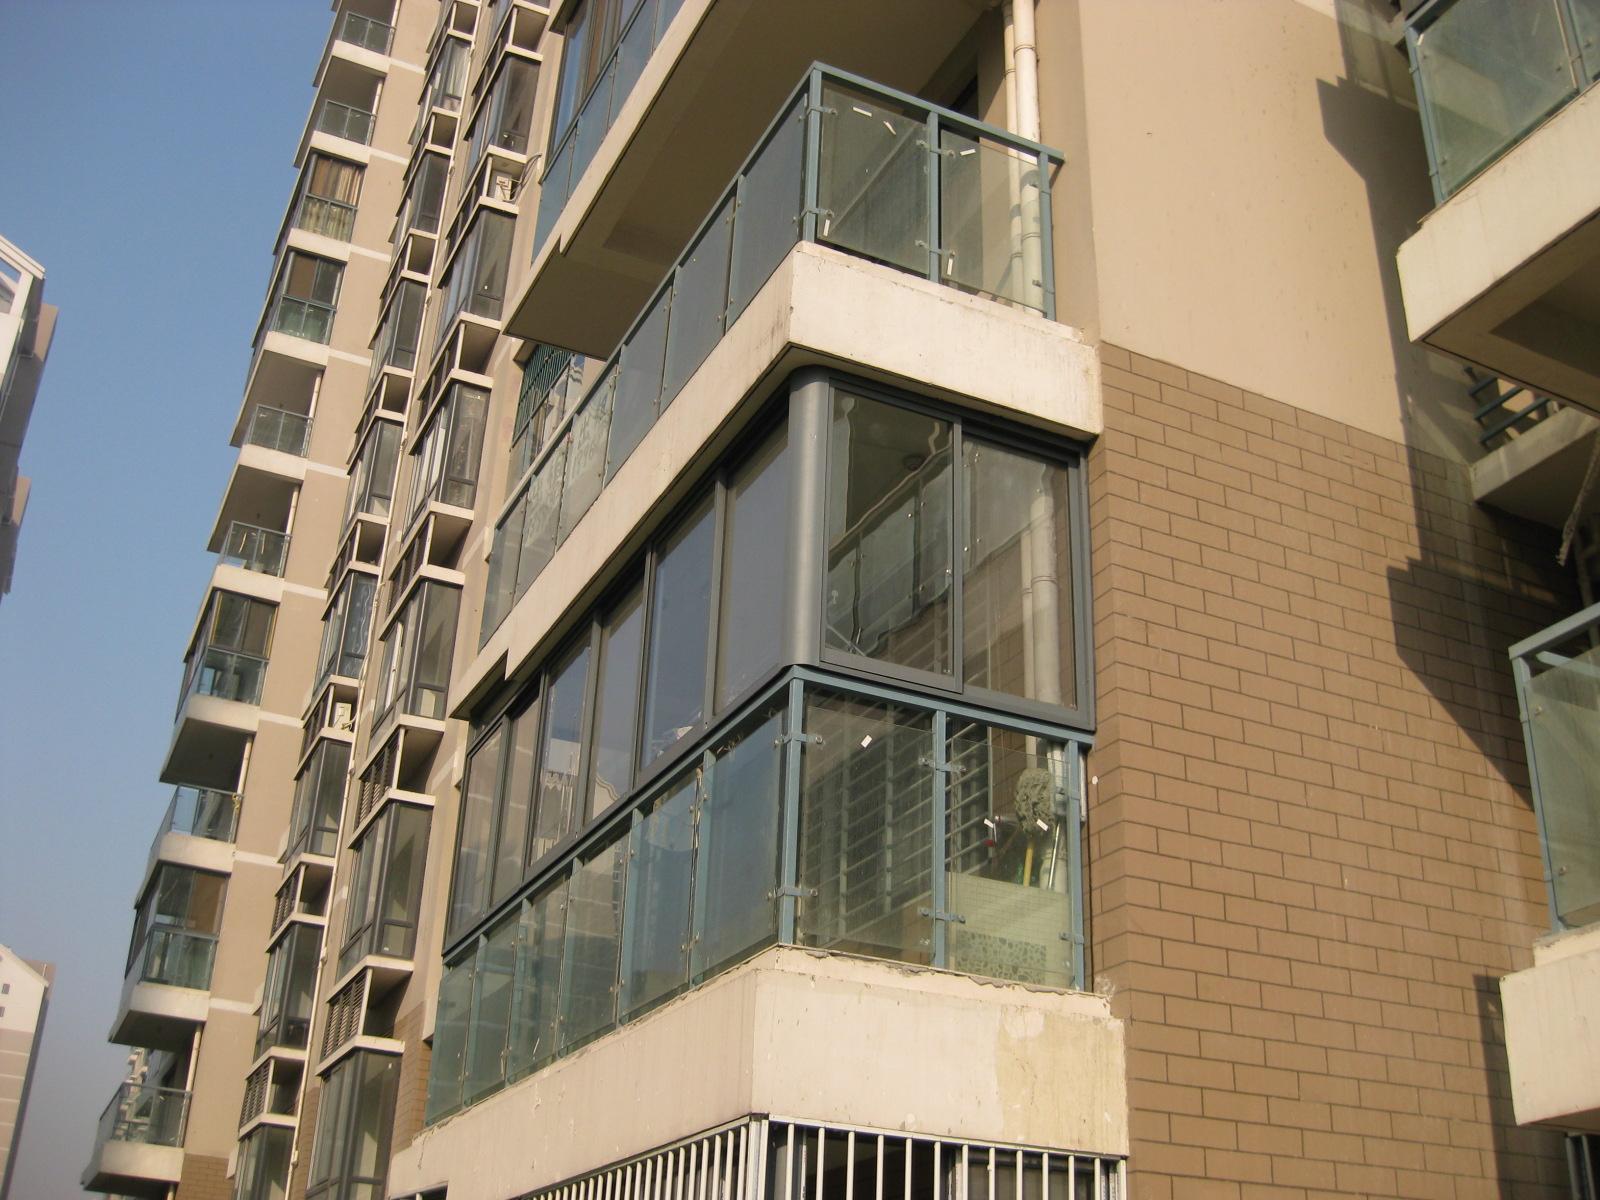 封阳台可以按结构,类型等细分为以下几种: 按顶材料分类:玻璃顶,断桥